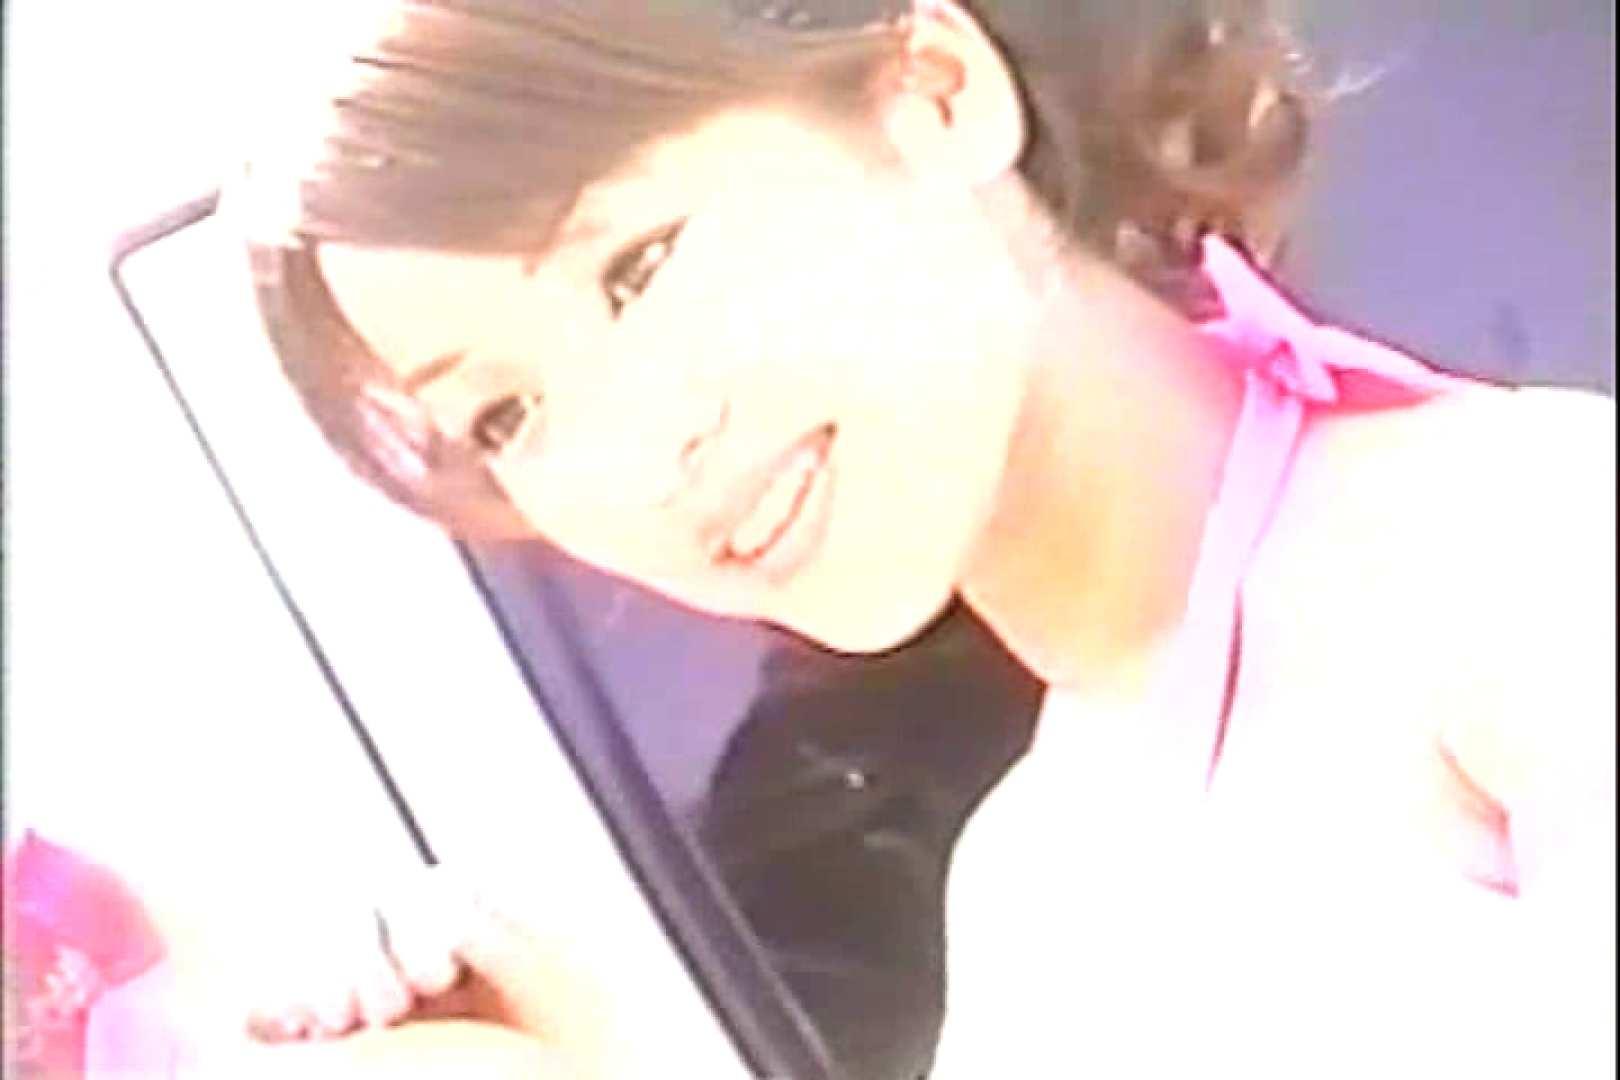 「ちくりん」さんのオリジナル未編集パンチラVol.3_01 パンチラ放出 のぞき動画画像 103pic 10